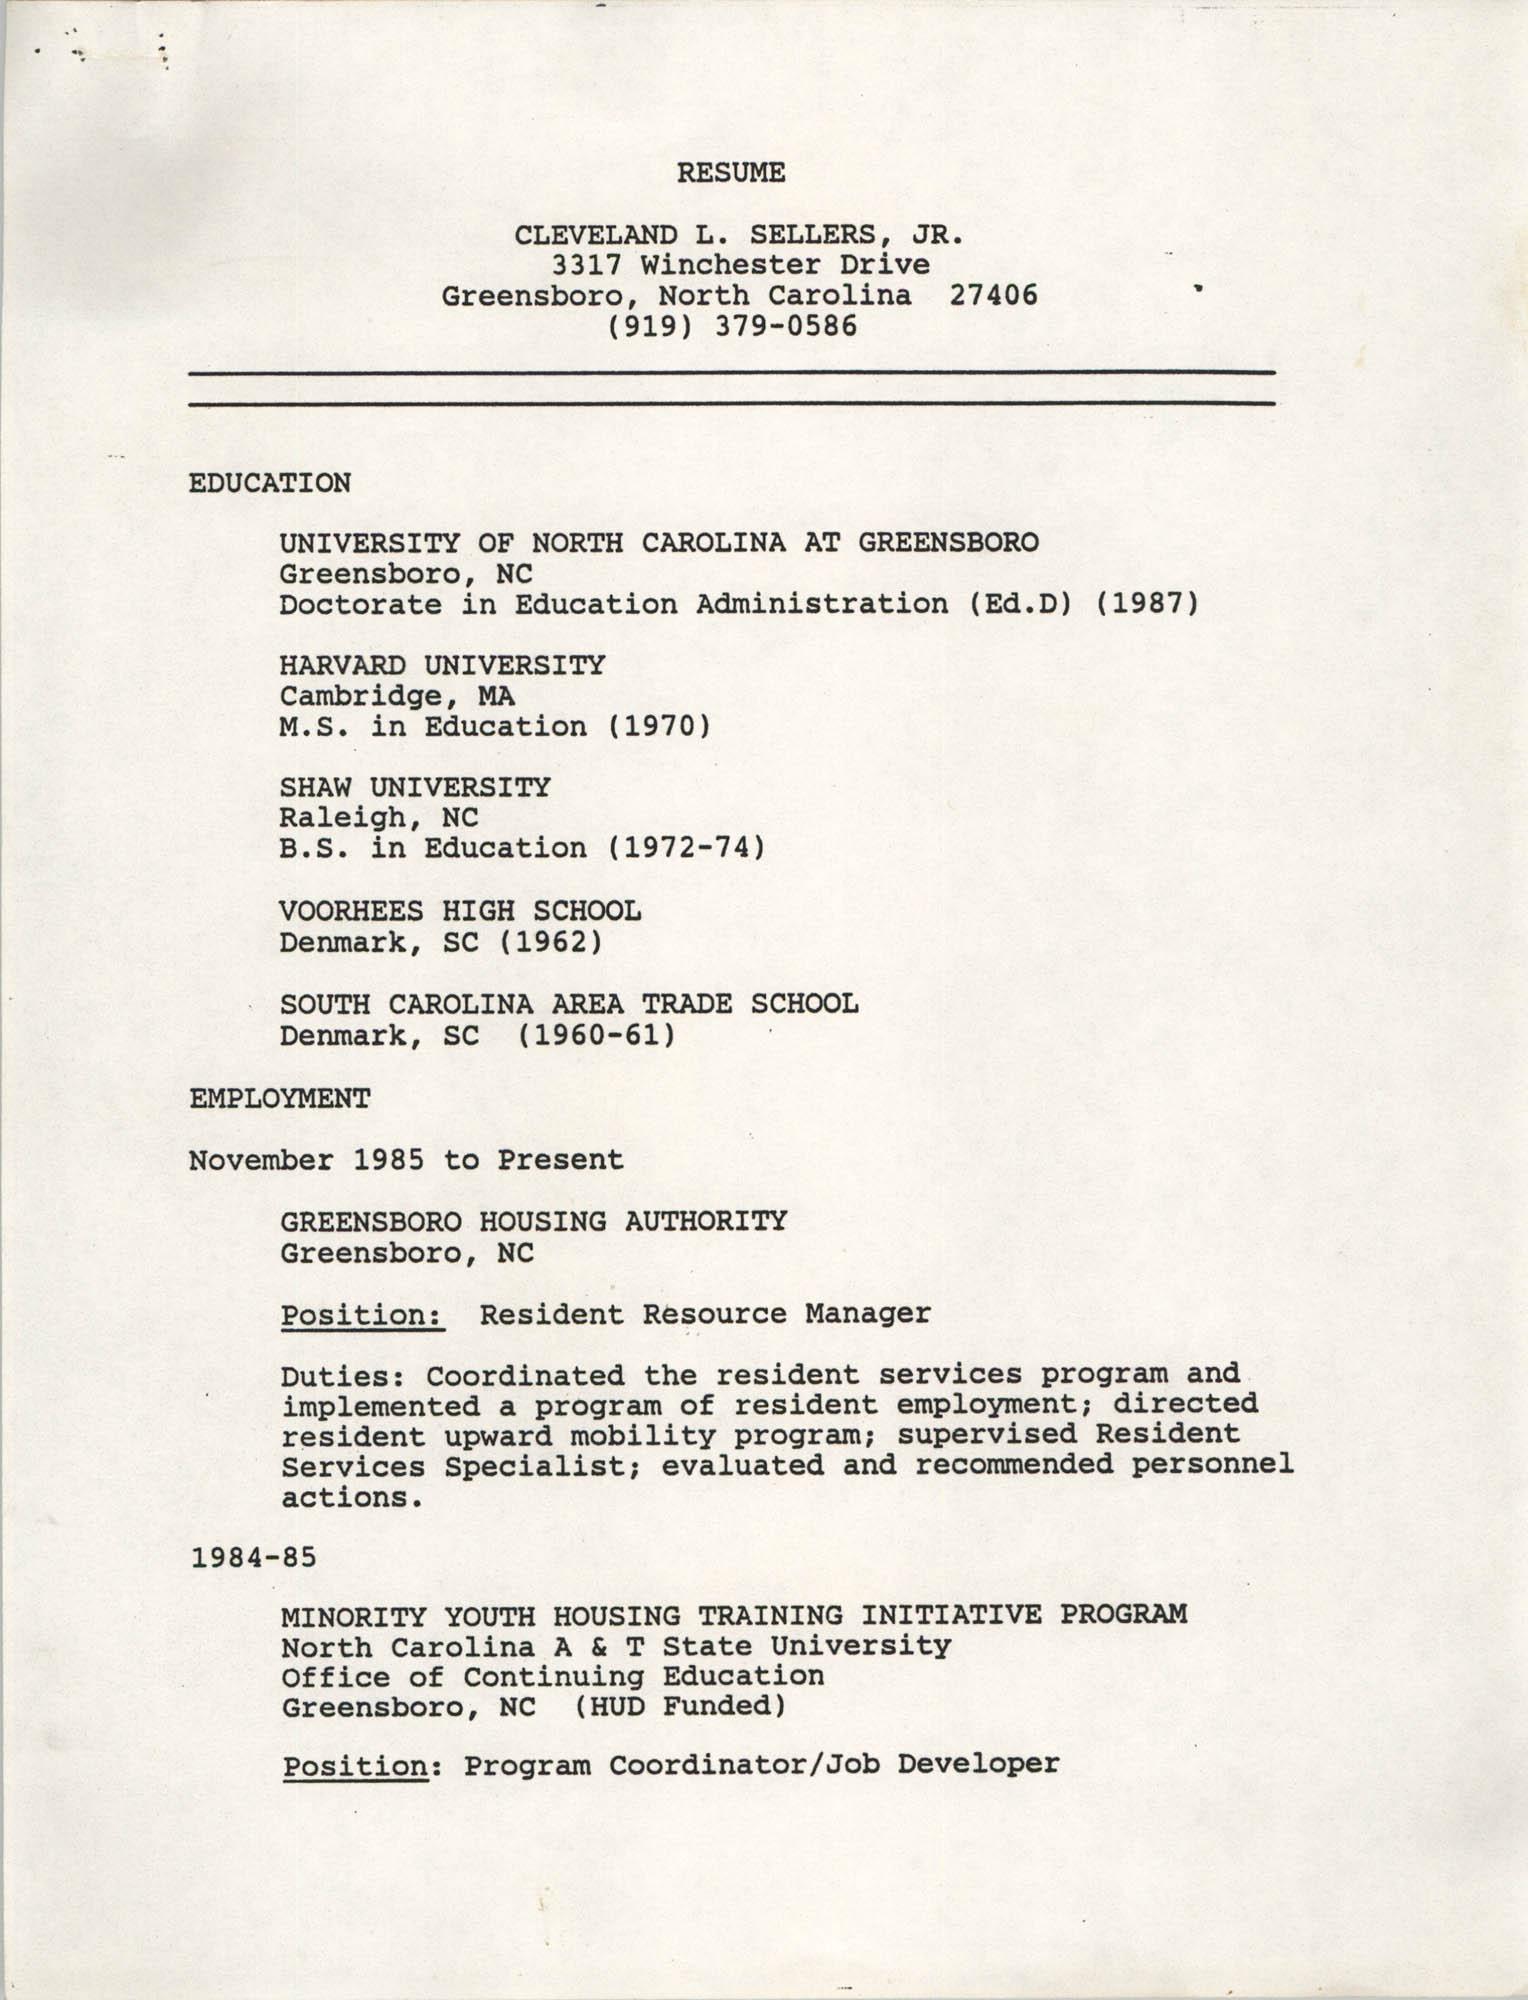 Cleveland L. Sellers, Jr. Resume